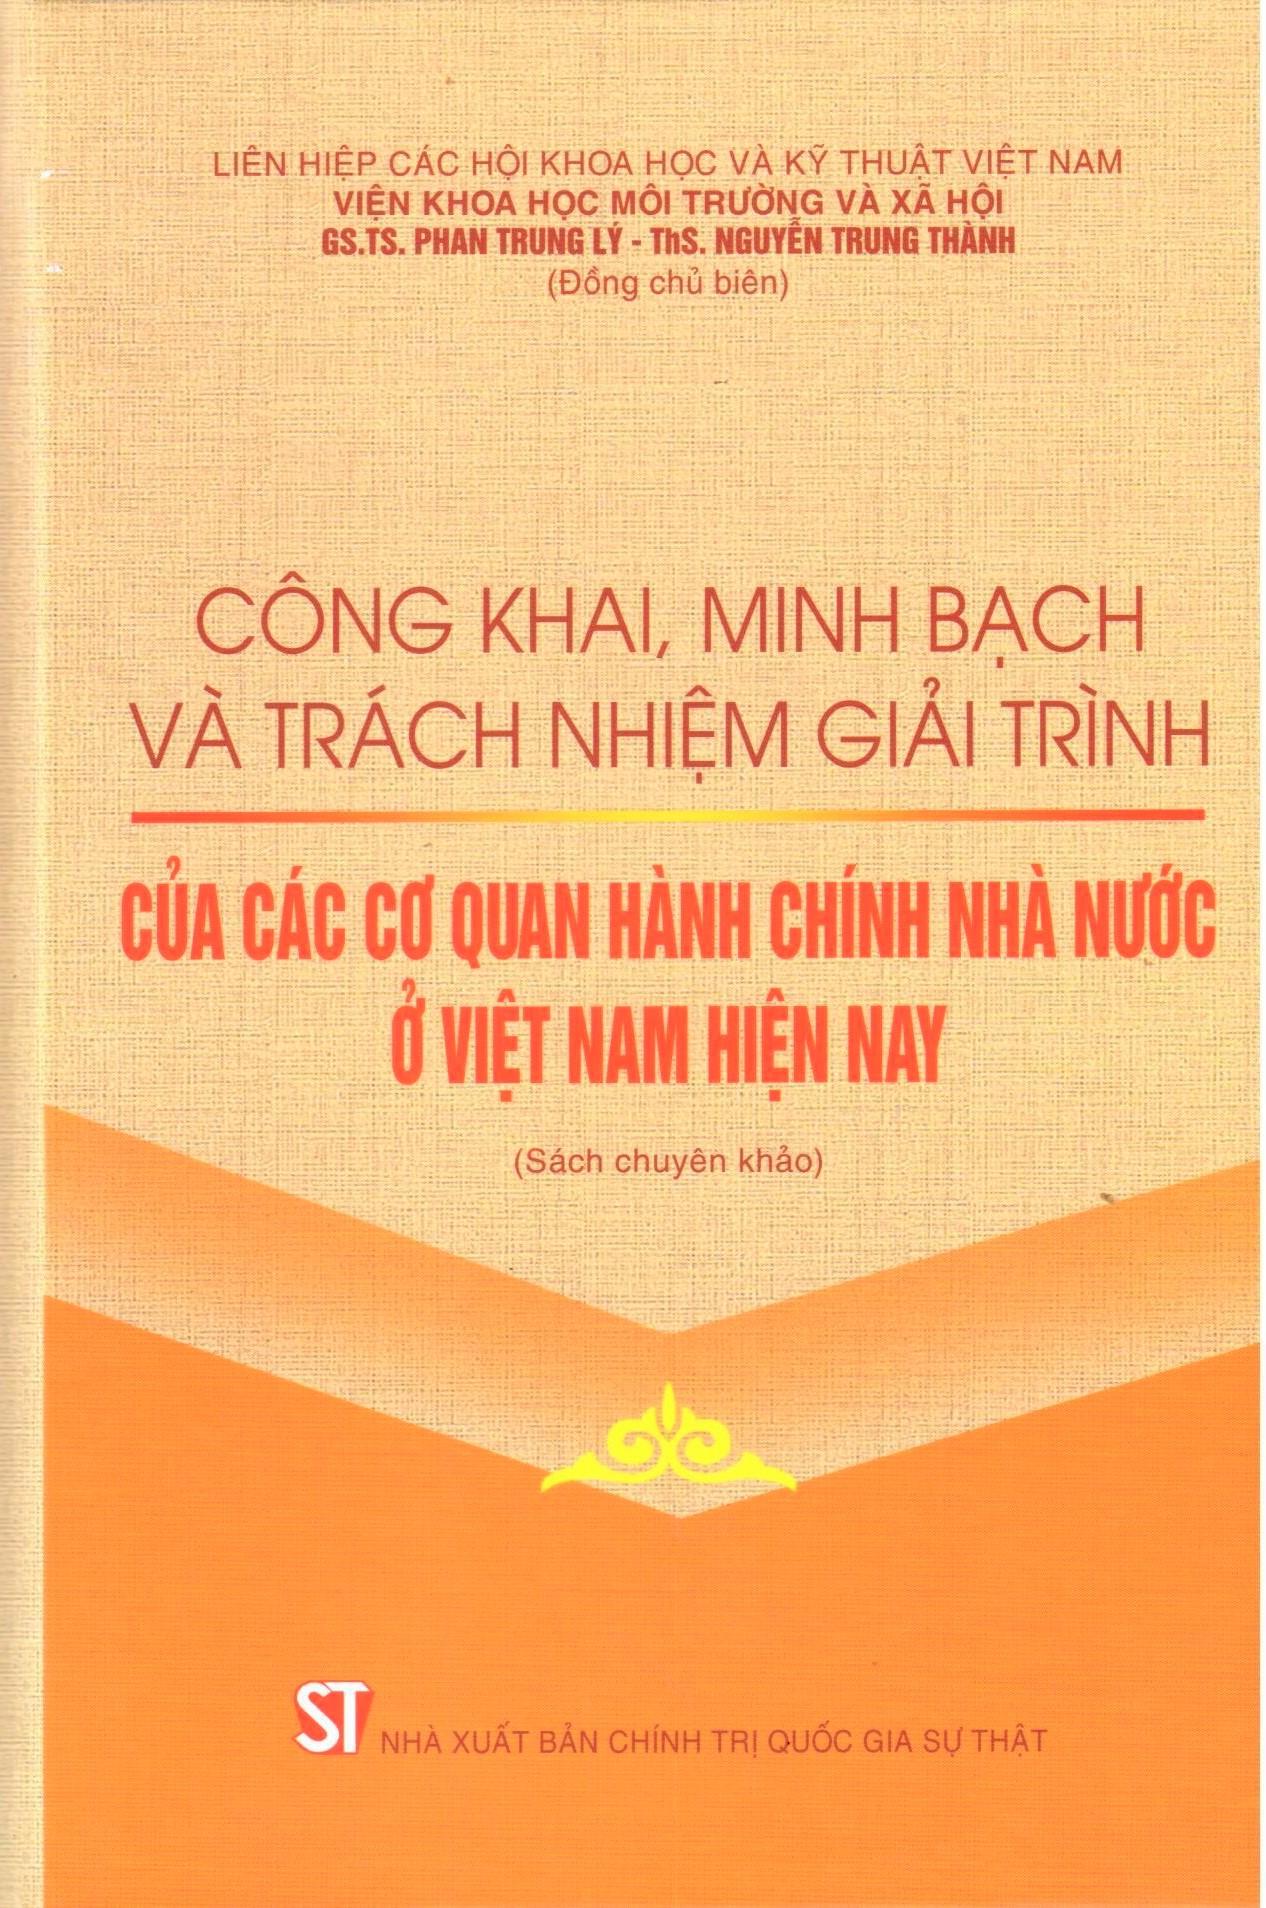 Công khai, minh bạch và trách nhiệm giải trình của các cơ quan hành chính nhà nước ở Việt Nam (Sách chuyên khảo)